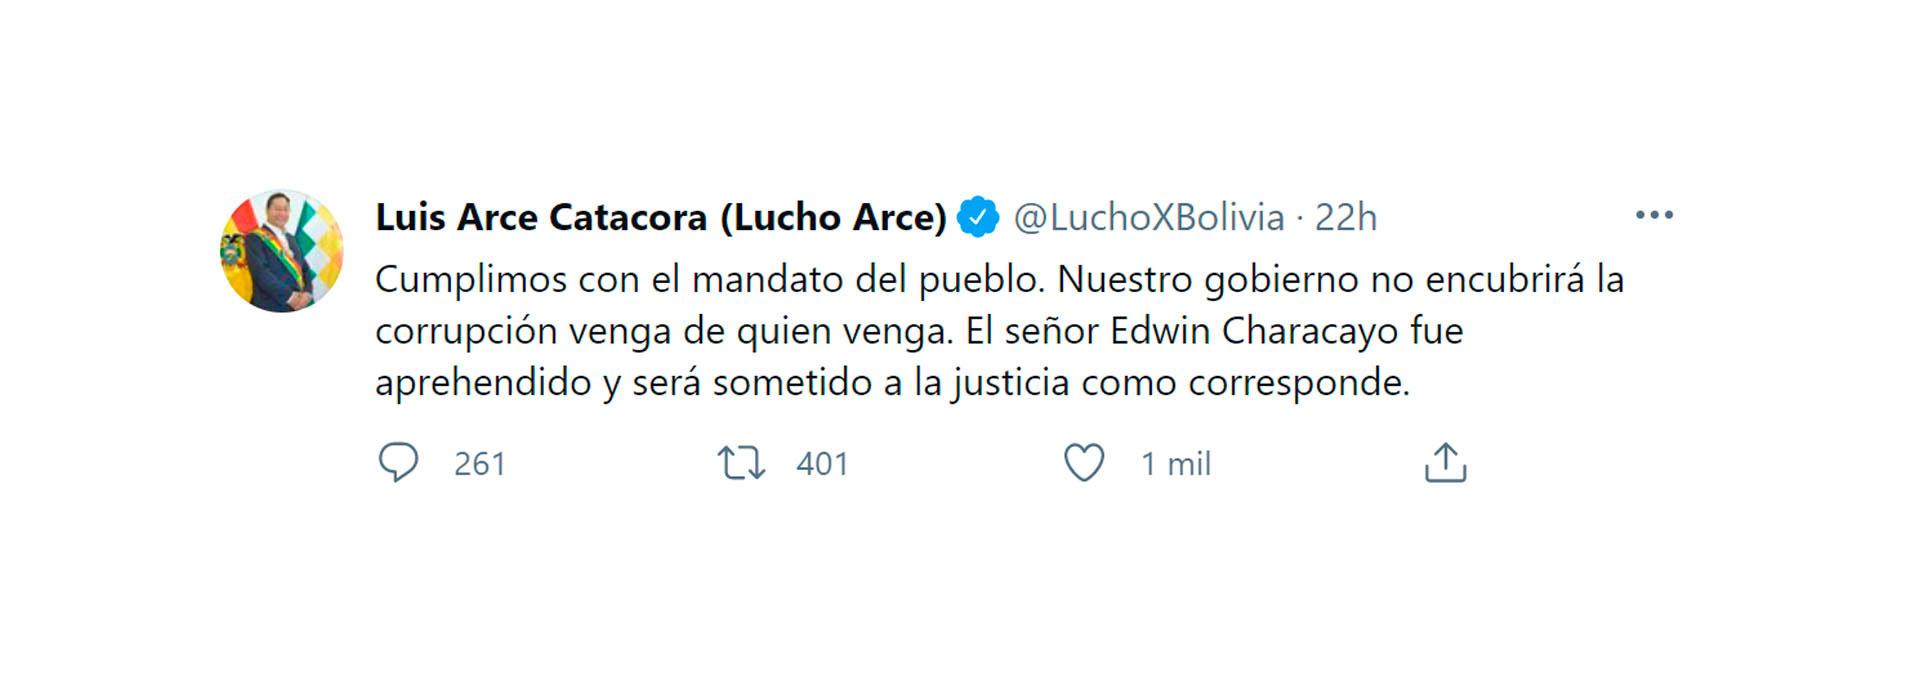 El tuit de Luis Arce